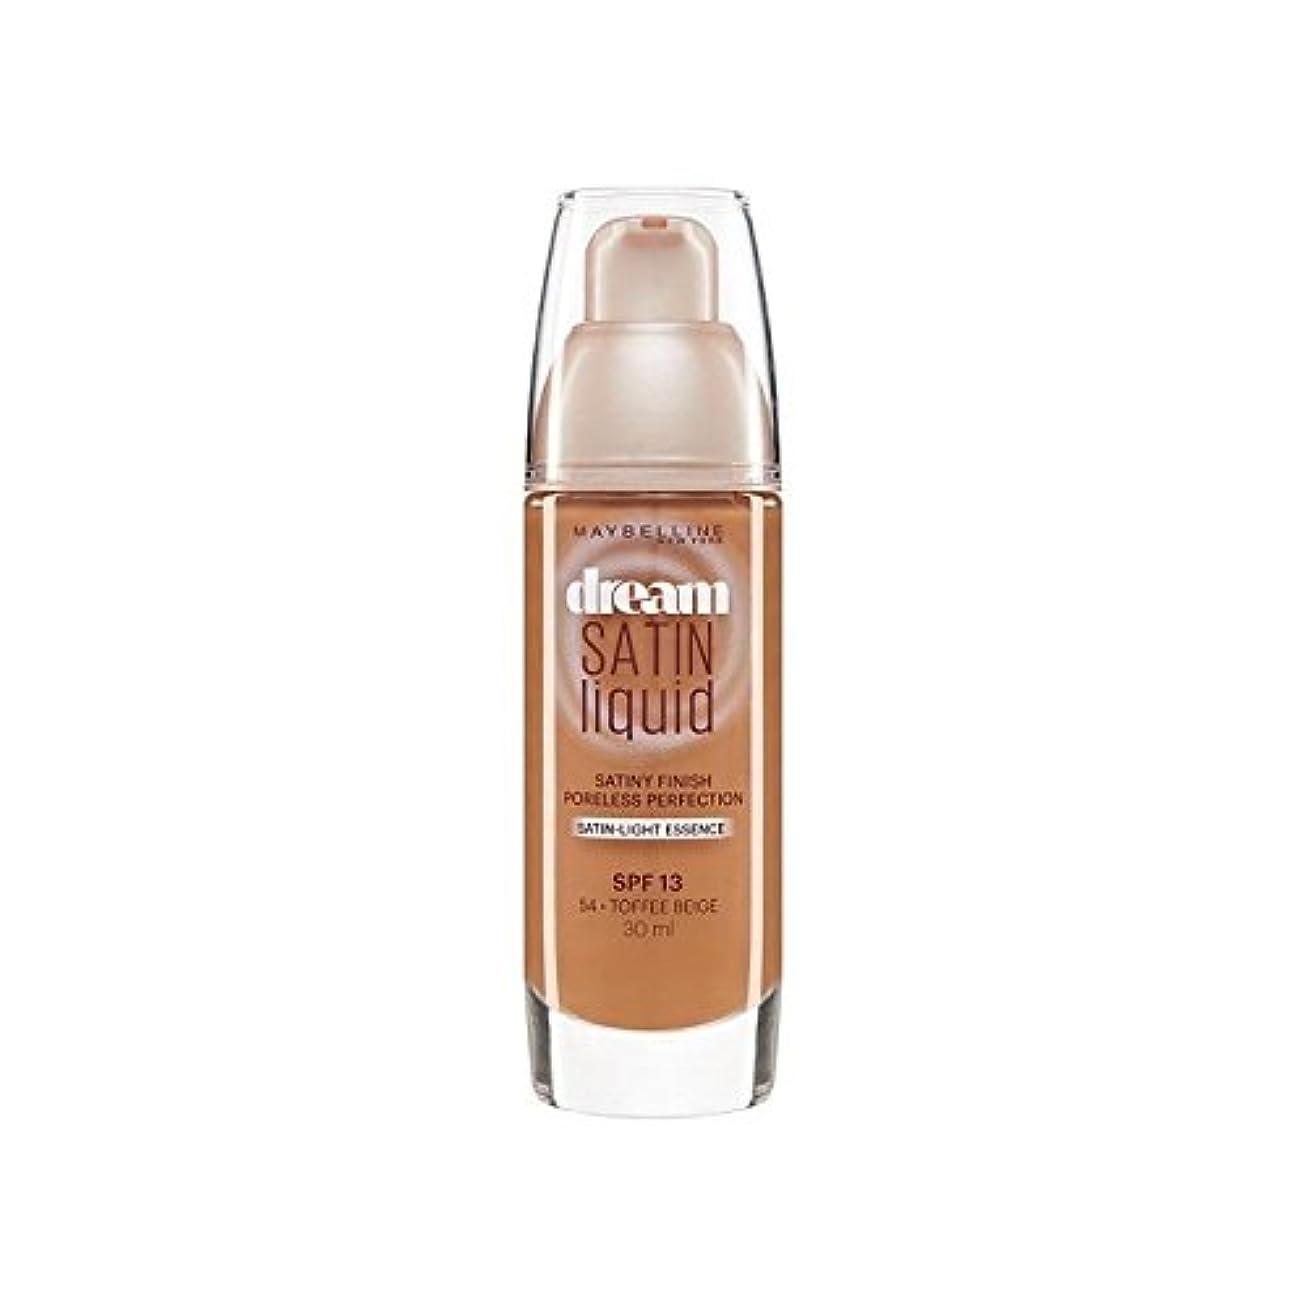 温度区別する受信メイベリン夢サテンリキッドファンデーション54タフィー30ミリリットル x4 - Maybelline Dream Satin Liquid Foundation 54 Toffee 30ml (Pack of 4) [並行輸入品]